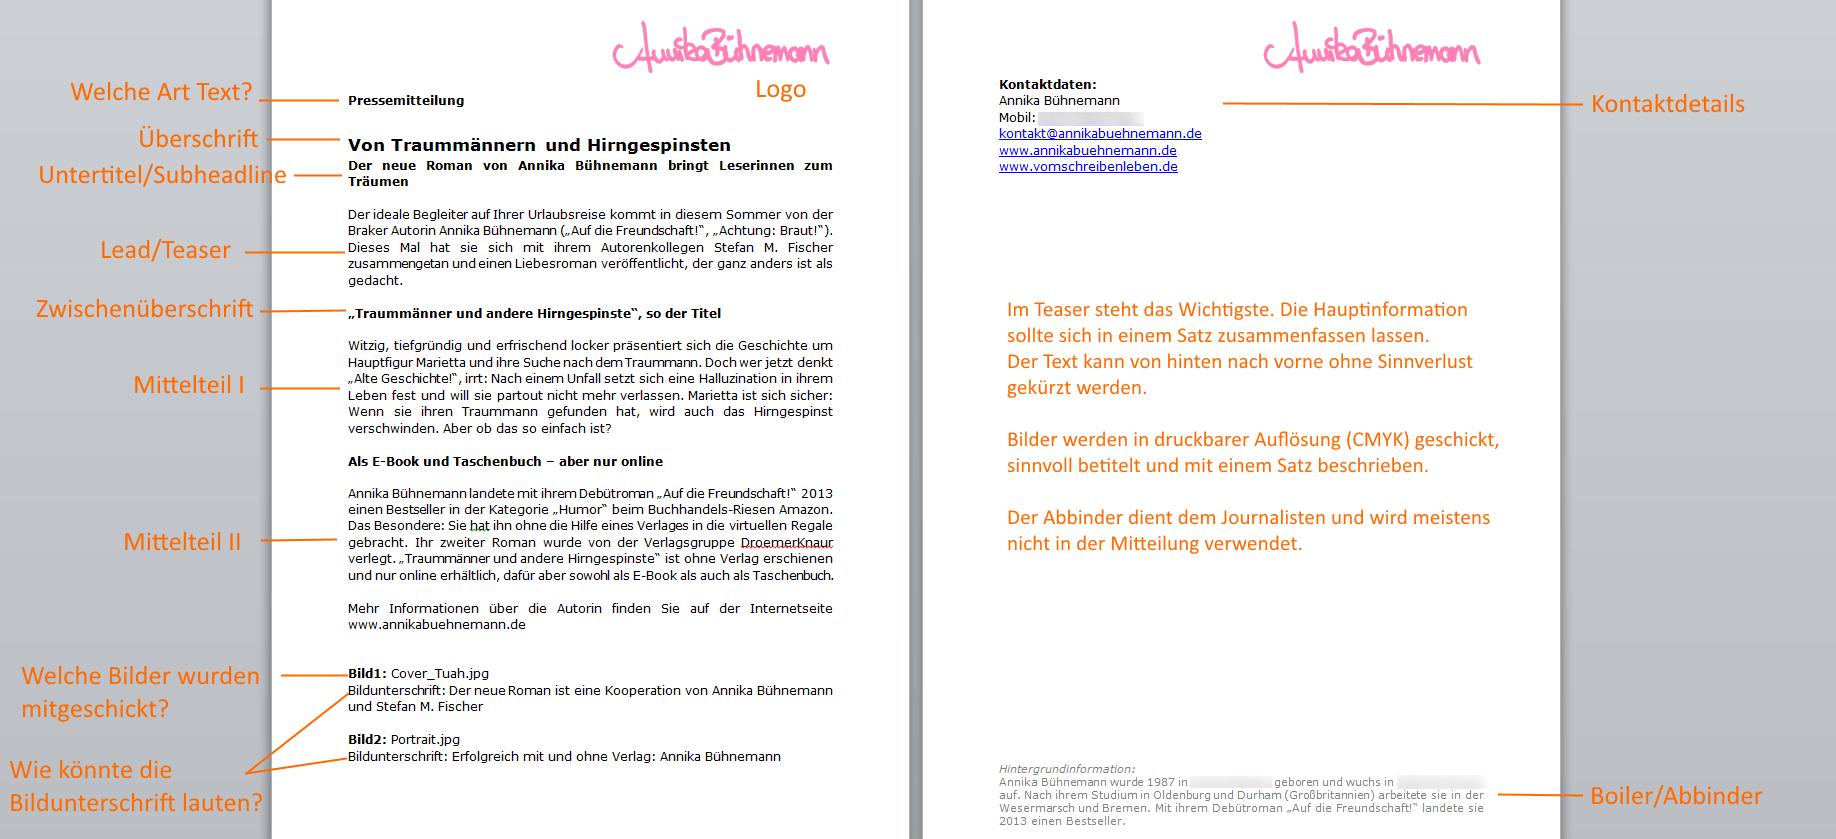 Pressemitteilung Beispiel Pressemitteilung